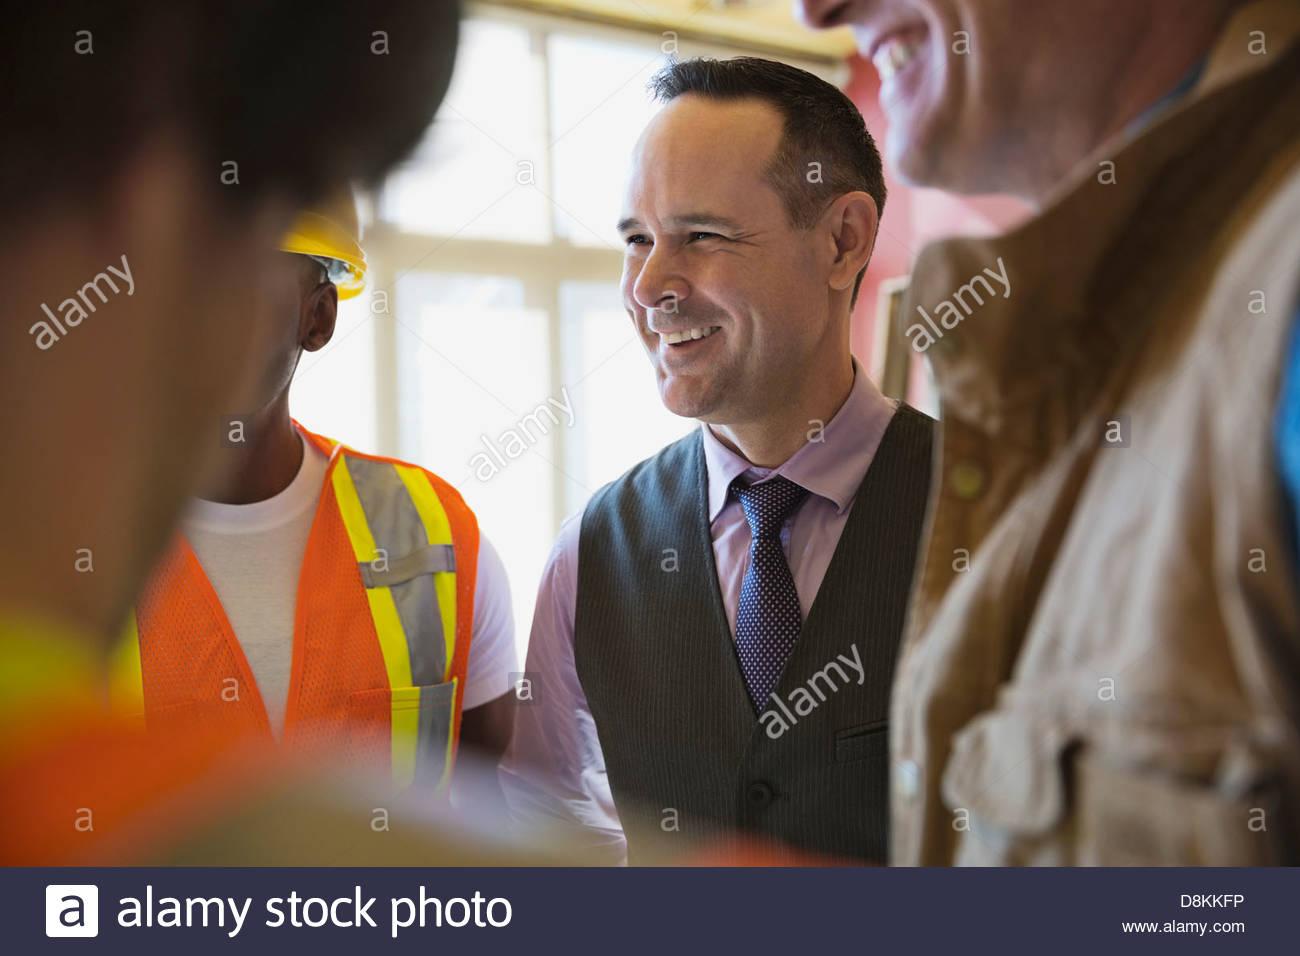 Lächelnd Architekt Gespräch mit Team auf Baustelle Stockbild